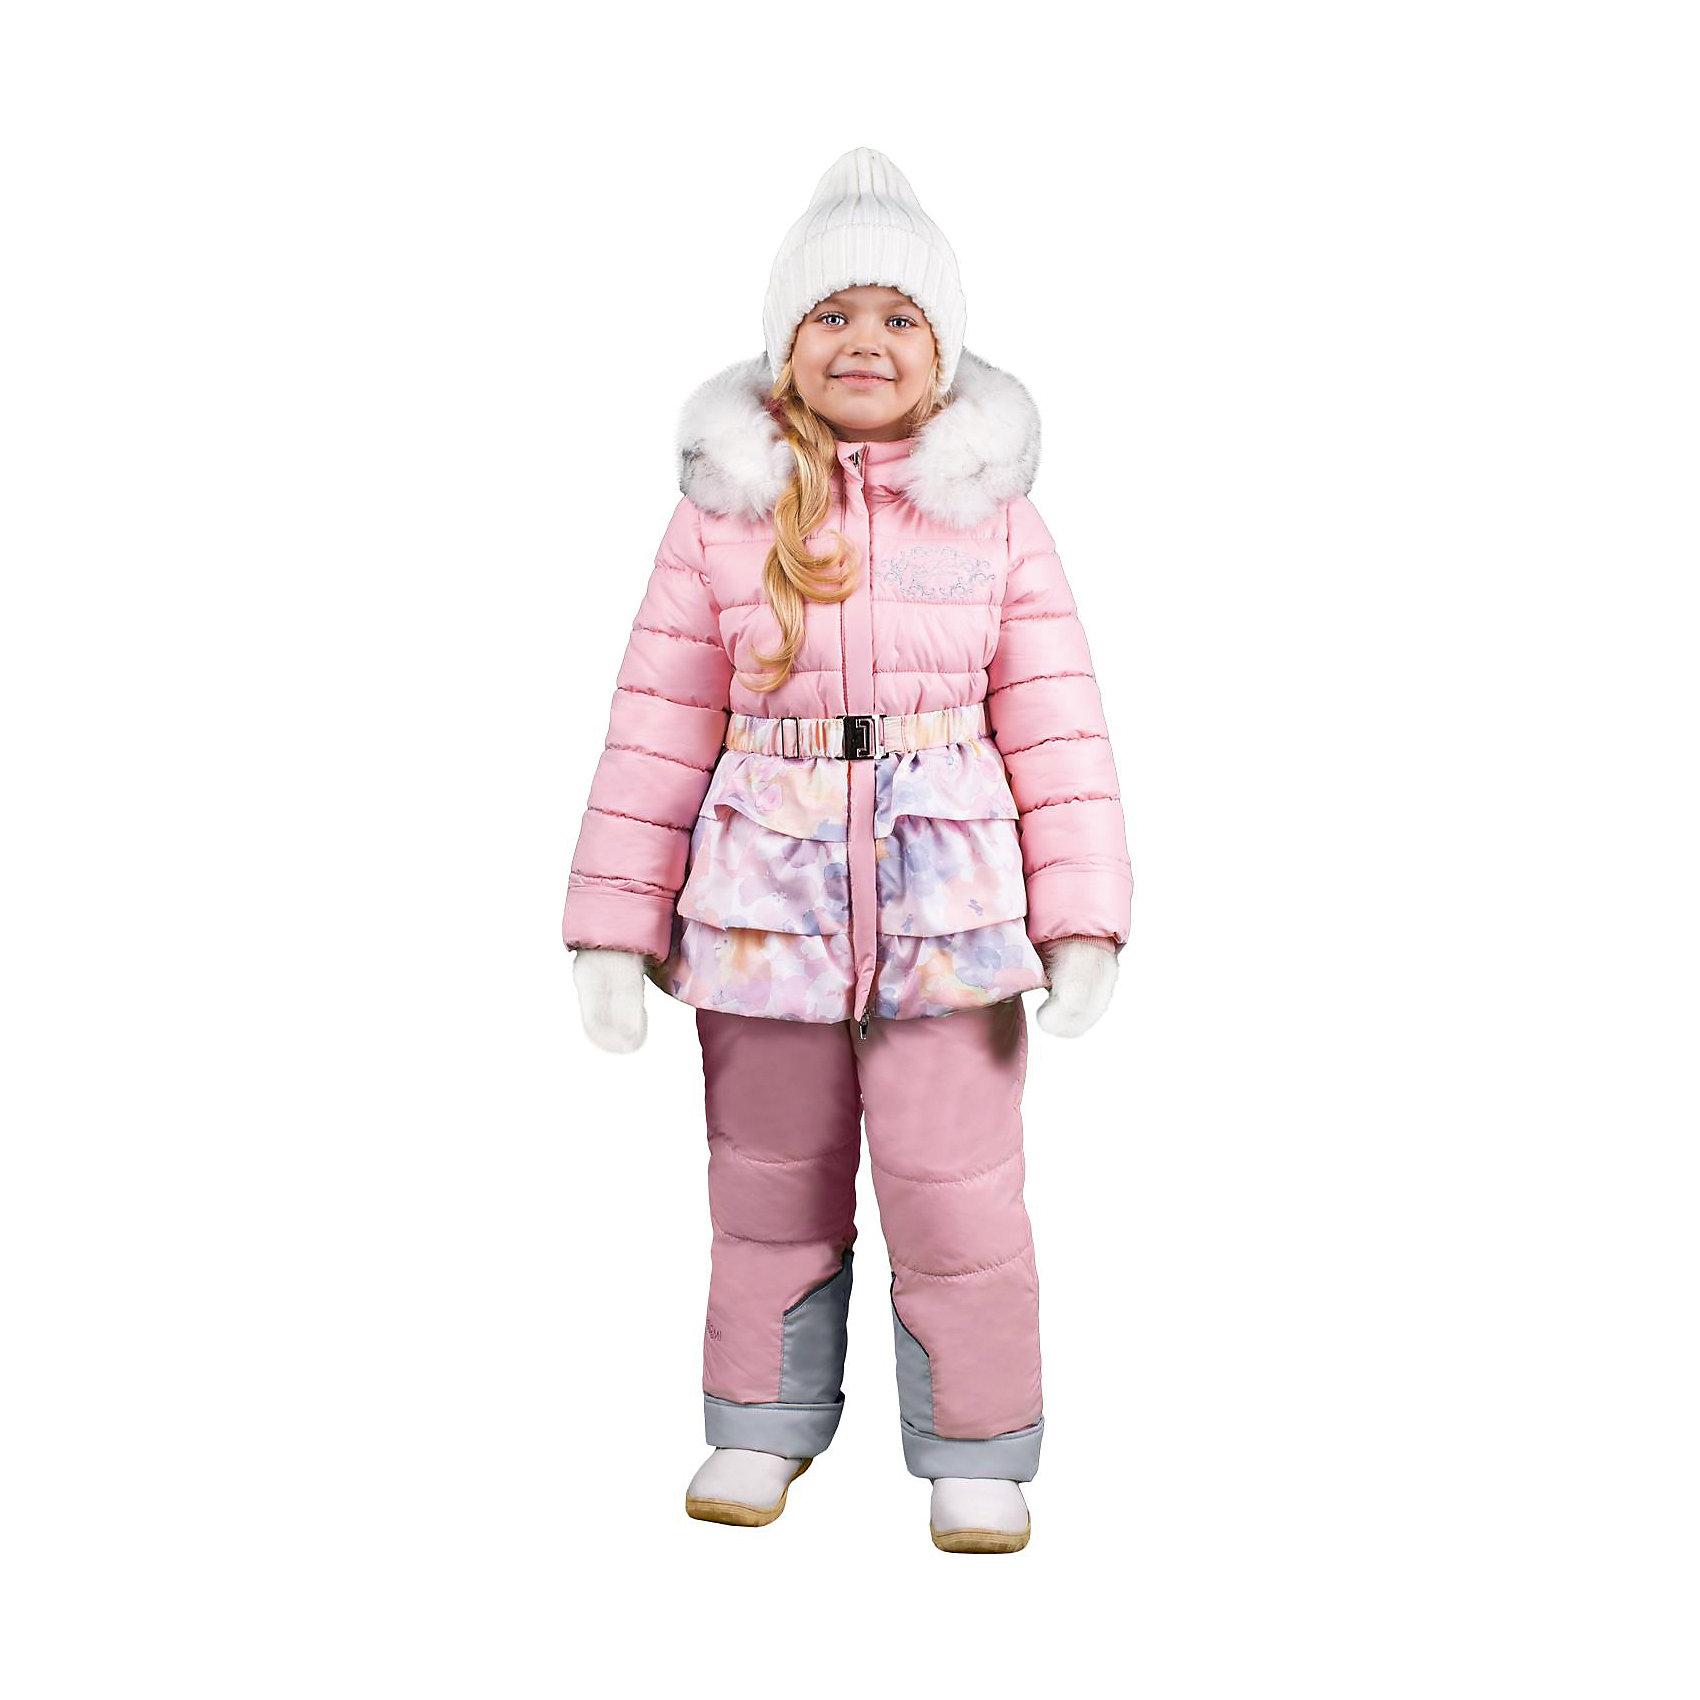 Комплект: куртка и брюки для девочки BOOM by OrbyВерхняя одежда<br>Характеристики изделия:<br><br>- комплектация: куртка, комбинезон, муфта;<br>- материал верха: мягкая болонь;<br>- подкладка: ПЭ, флис;<br>- утеплитель: Flexy Fiber 400 г/м2, <br>- отделка: вязаное полотно, искусственный мех;<br>- фурнитура: металл, пластик;<br>- застежка: молния;<br>- воротник;<br>- защита подбородка;<br>- клапан от ветра;<br>- вышивка на куртке;<br>- температурный режим до -30°С<br><br><br>В холодный сезон девочки хотят одеваться не только тепло, но и модно. Этот стильный и теплый комплект позволит ребенку наслаждаться зимним отдыхом, не боясь замерзнуть, и выглядеть при этом очень симпатично.<br>Теплая куртка плотно сидит благодаря манжетам и надежным застежкам. Она смотрится очень эффектно благодаря пушистому воротнику и воланам по низу. Полукомбинезон дополнен регулируемыми лямками, карманами и манжетами.<br><br>Комплект: курта и брюки для девочки от бренда BOOM by Orby можно купить в нашем магазине.<br><br>Ширина мм: 215<br>Глубина мм: 88<br>Высота мм: 191<br>Вес г: 336<br>Цвет: бежевый<br>Возраст от месяцев: 48<br>Возраст до месяцев: 60<br>Пол: Женский<br>Возраст: Детский<br>Размер: 110,98,92,122,104,86,116<br>SKU: 4982524